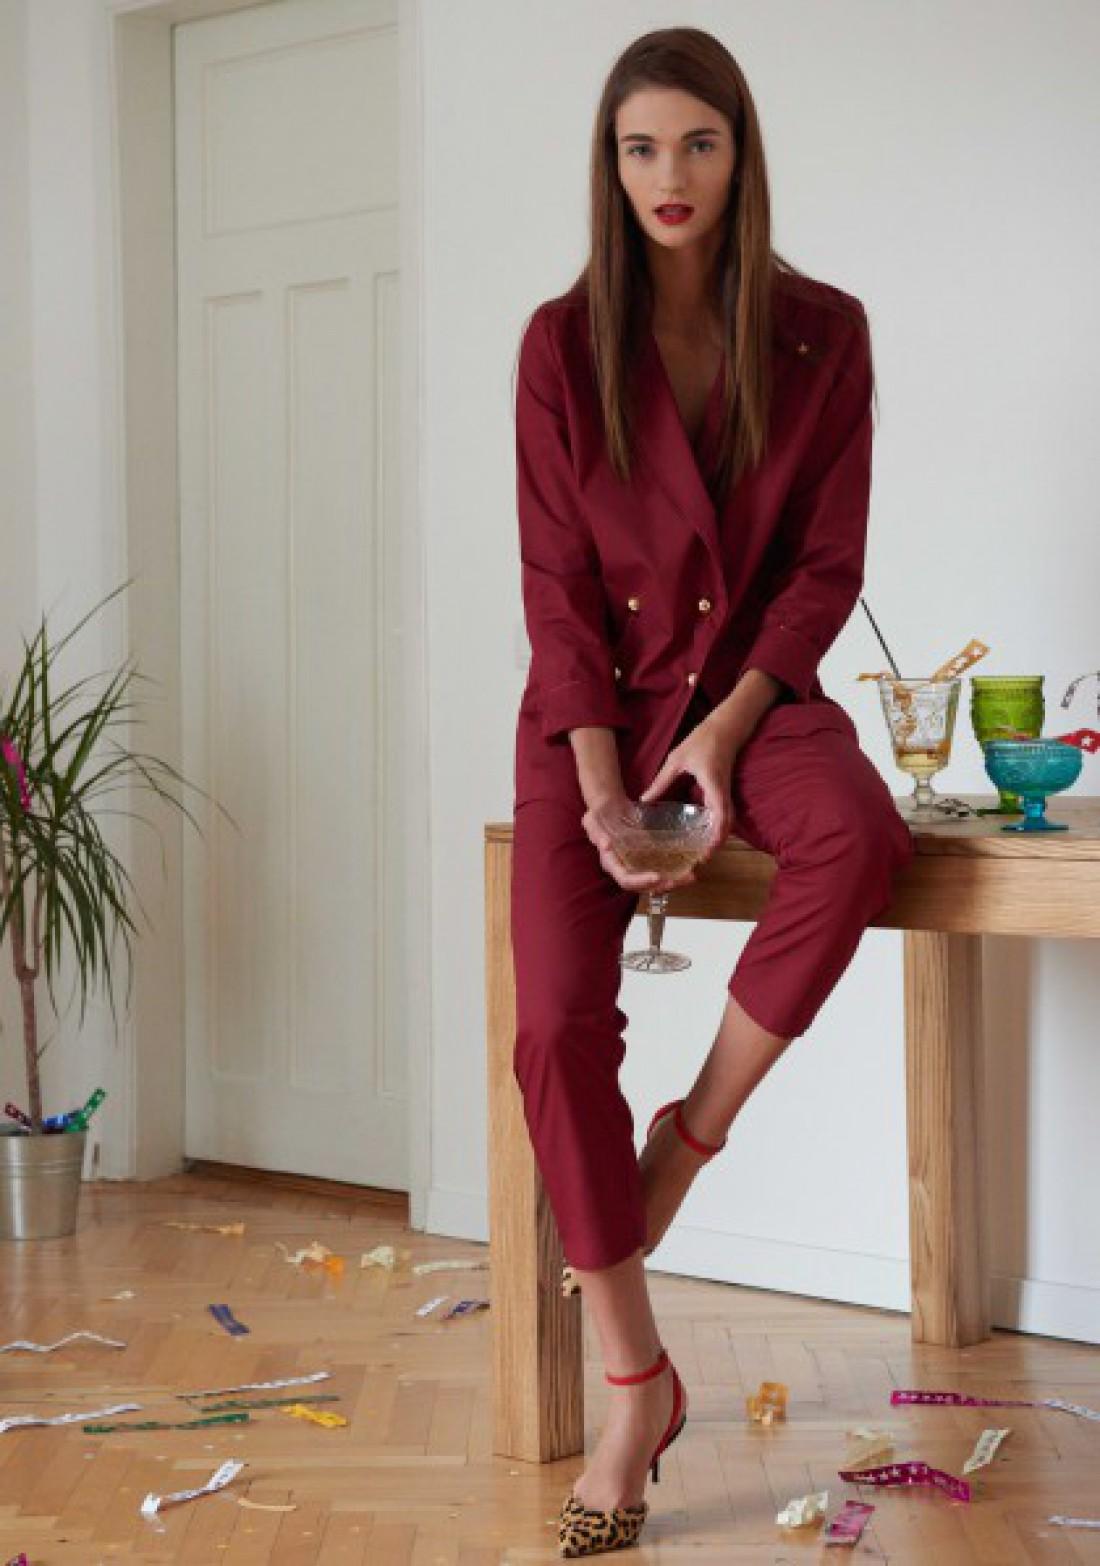 Пижама-пати – чем не идея для празднования Нового года?